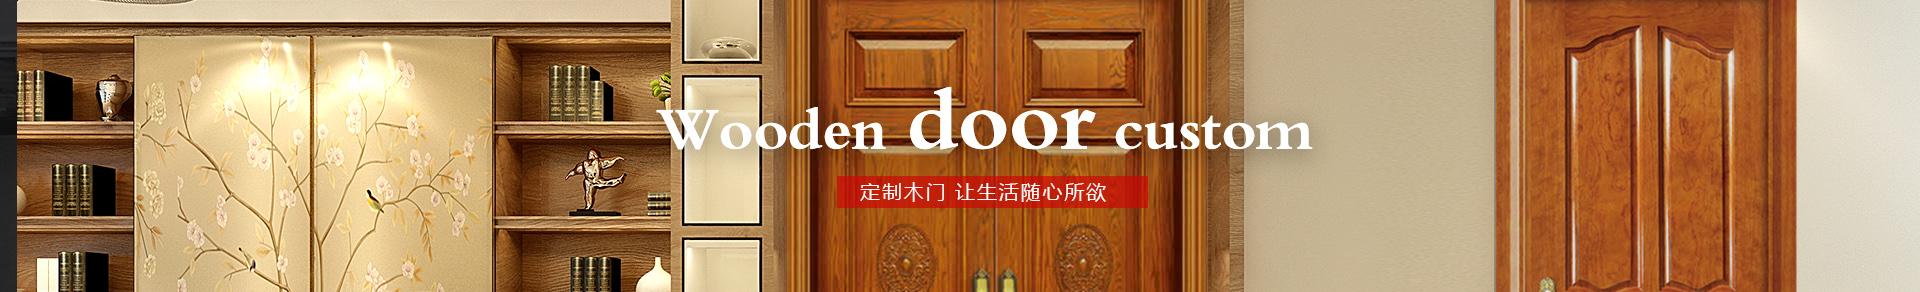 http://www.senyuanmenye.com/data/images/slide/20191018164507_961.jpg